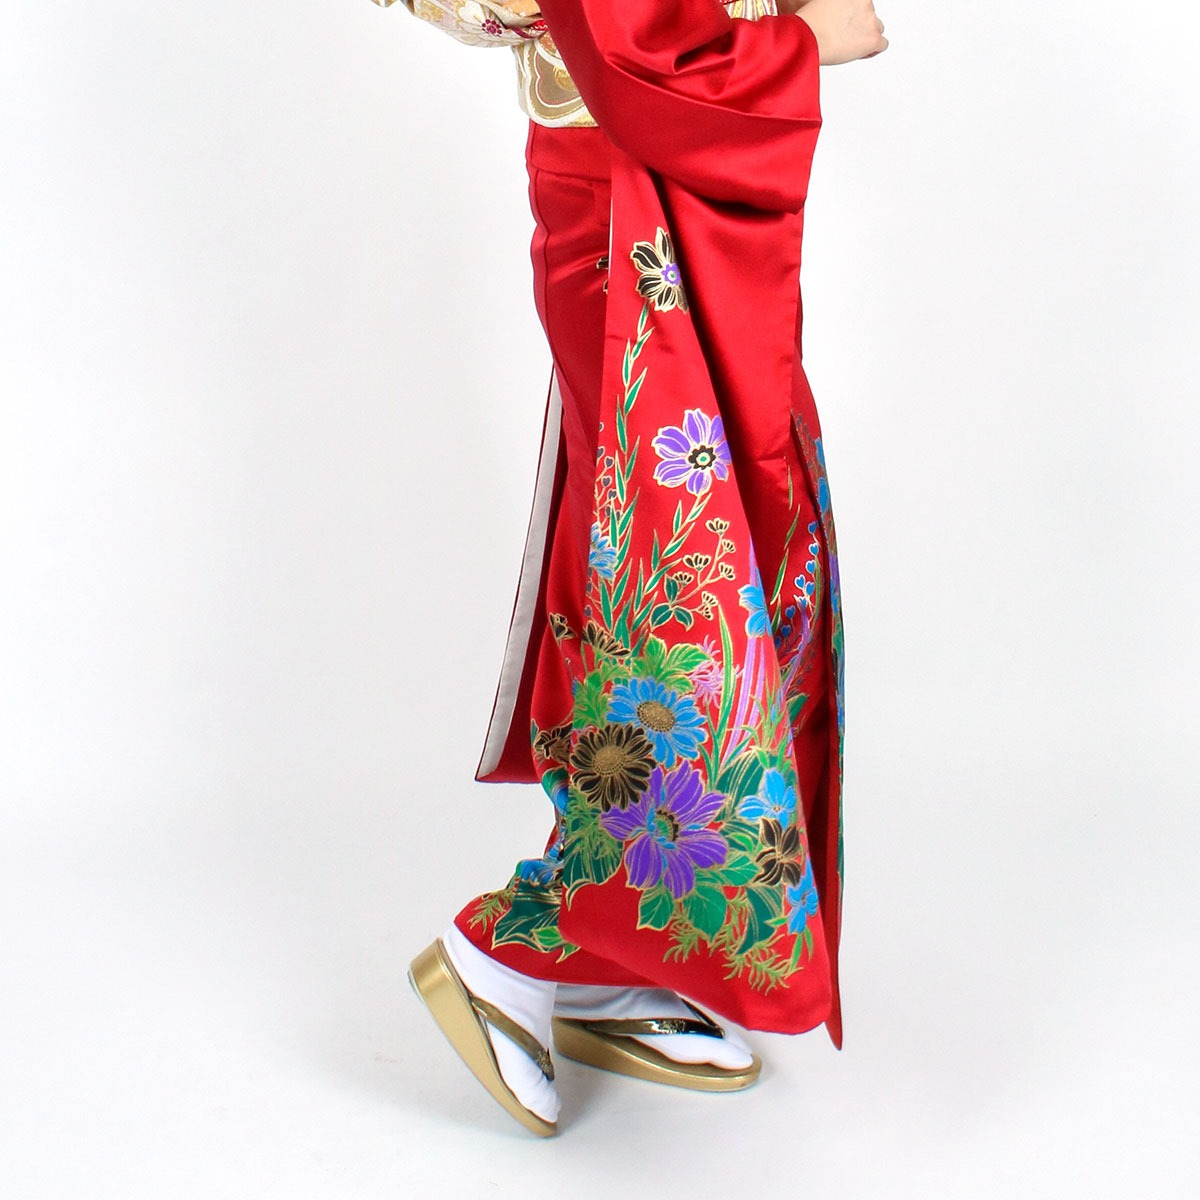 【成人式】 [安心の長期間レンタル]【対応身長165cm〜180cm】レンタル振袖フルセット-915|花柄|レトロ|クール系|ポップキュート|赤系|オレンジ系|緑系|洋花|蝶